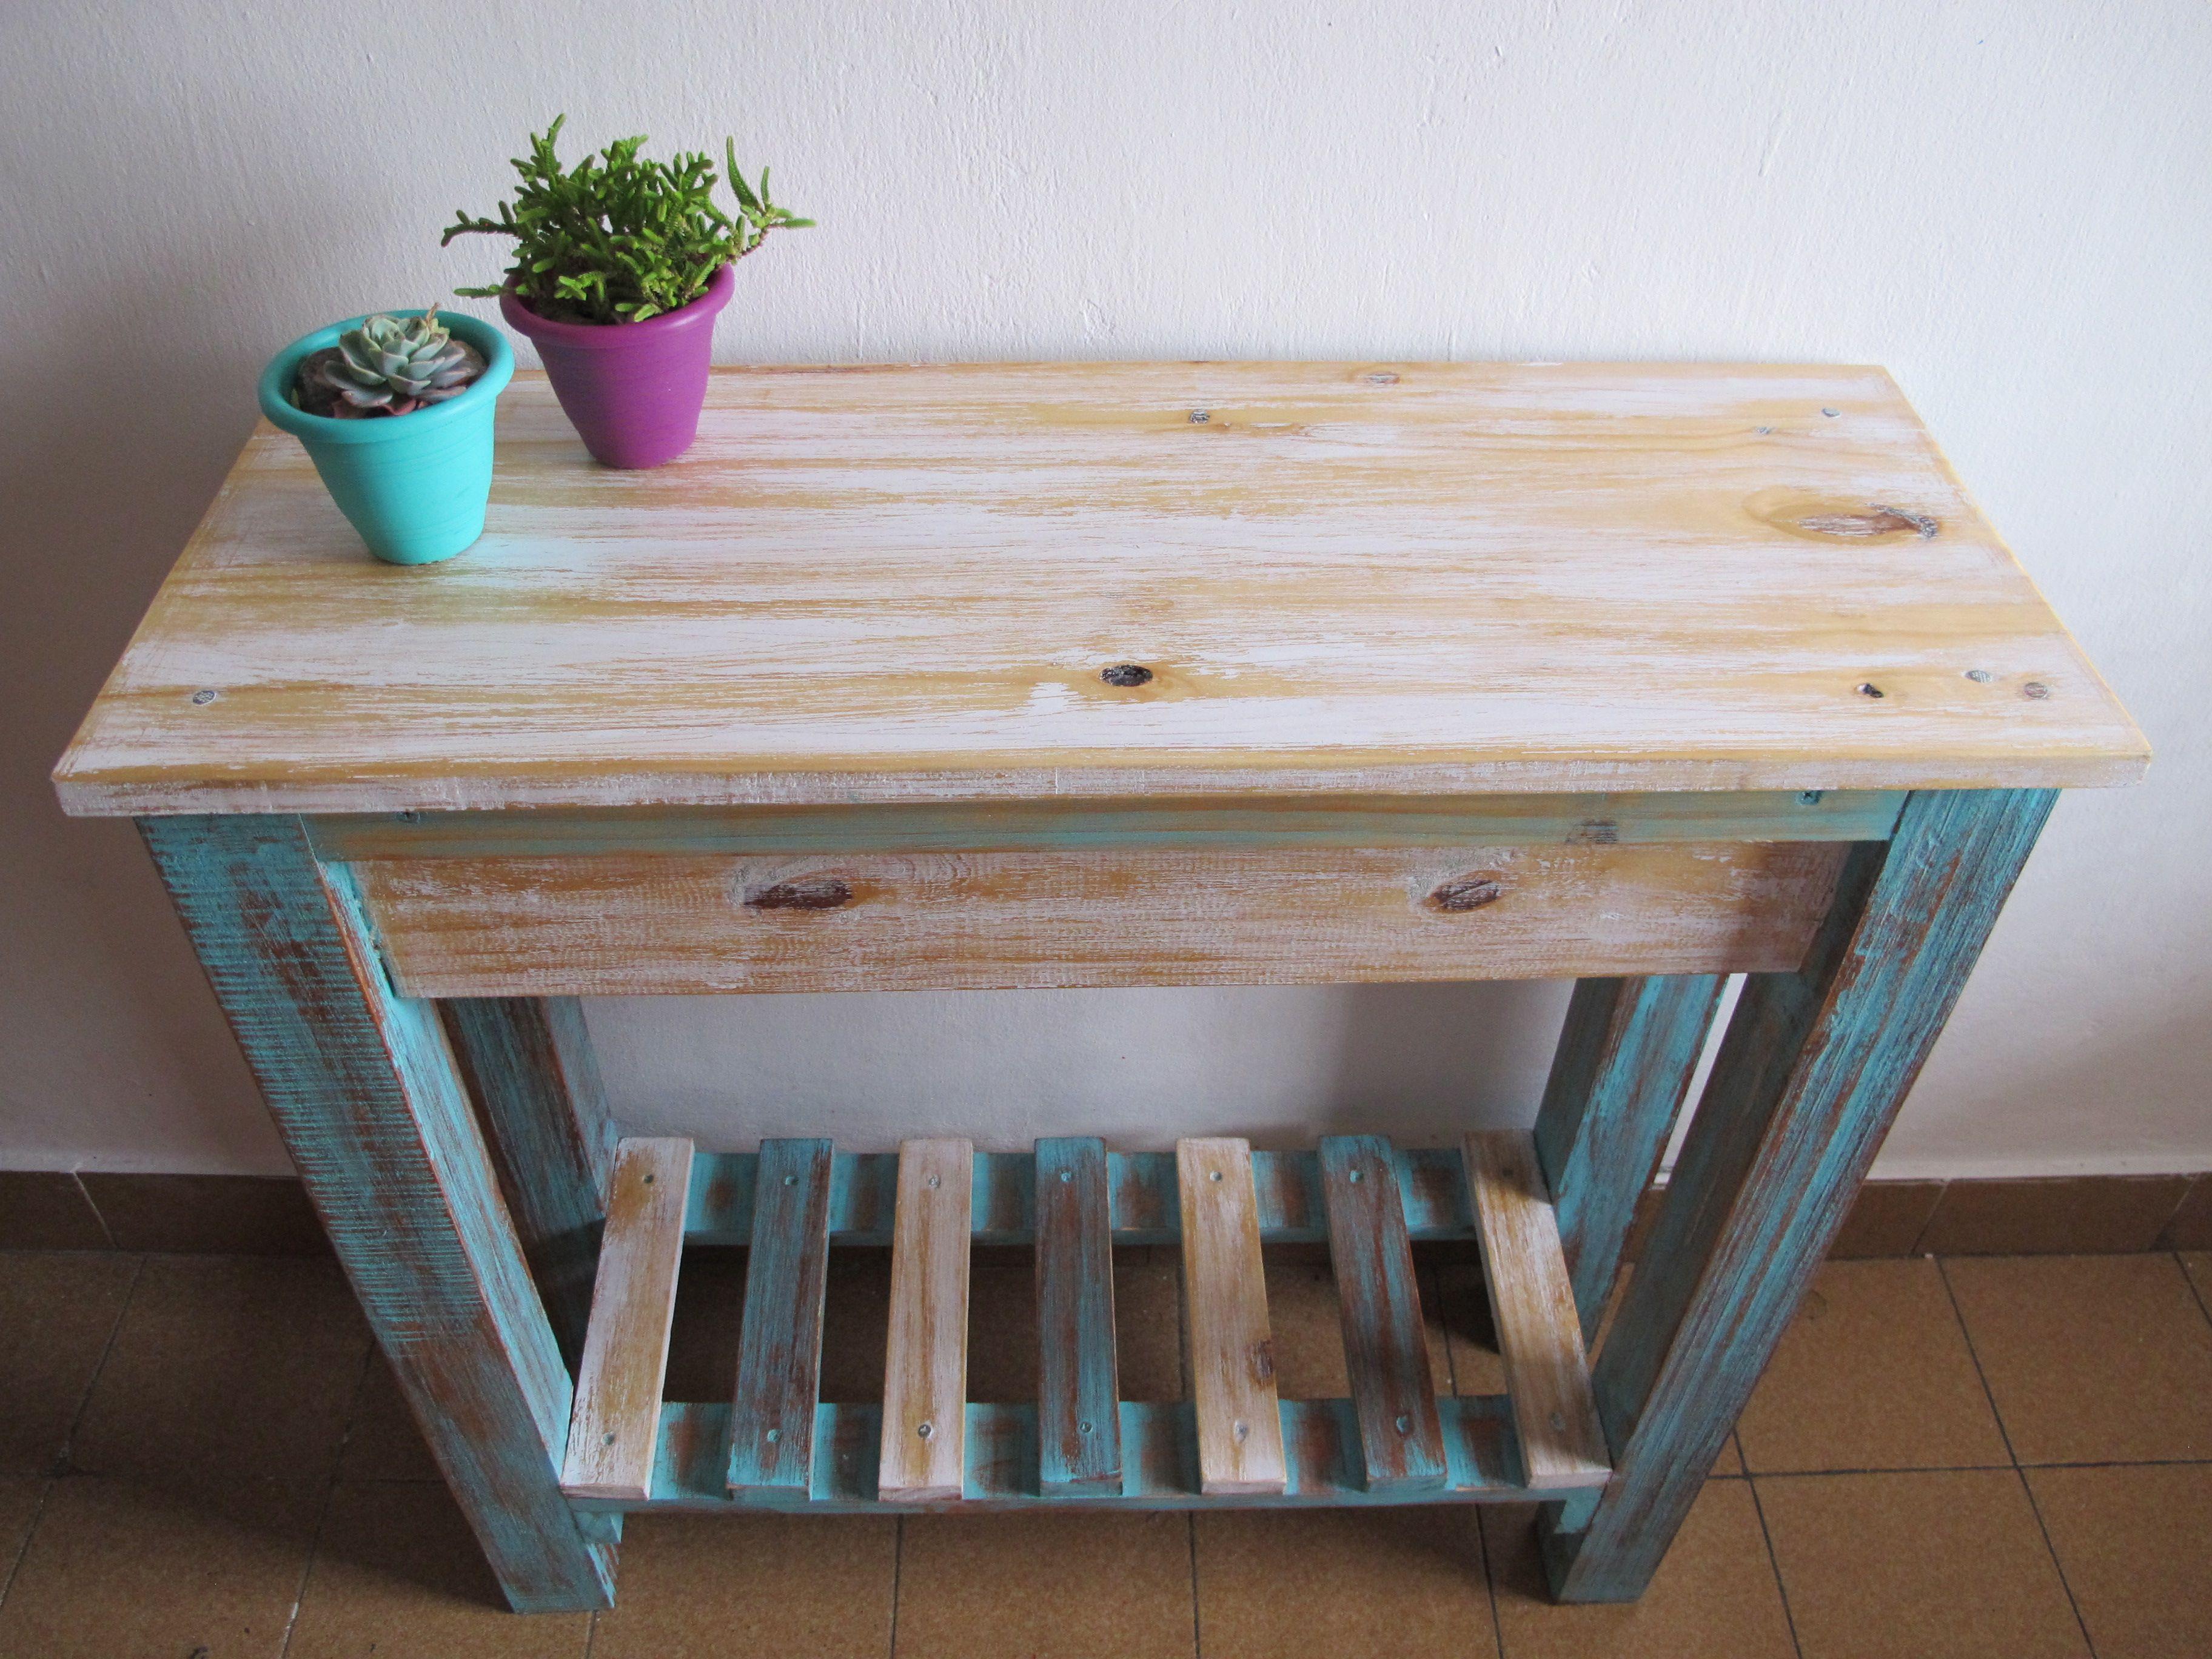 Desayunador Mesa Decapado Madera Pino Deco Hechoapedido  # Muebles Requero